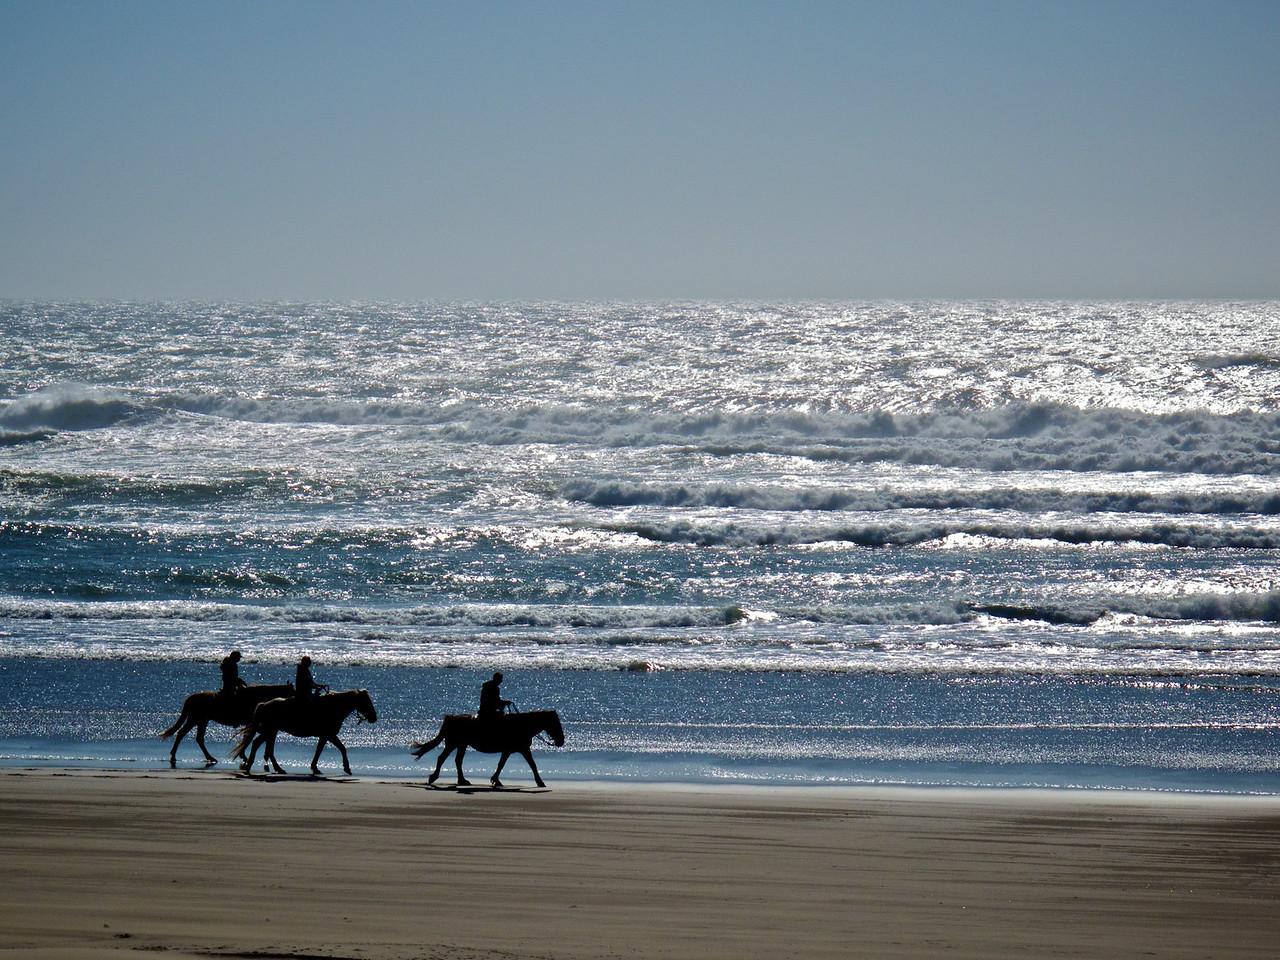 riders at water's edge - Bandon OR